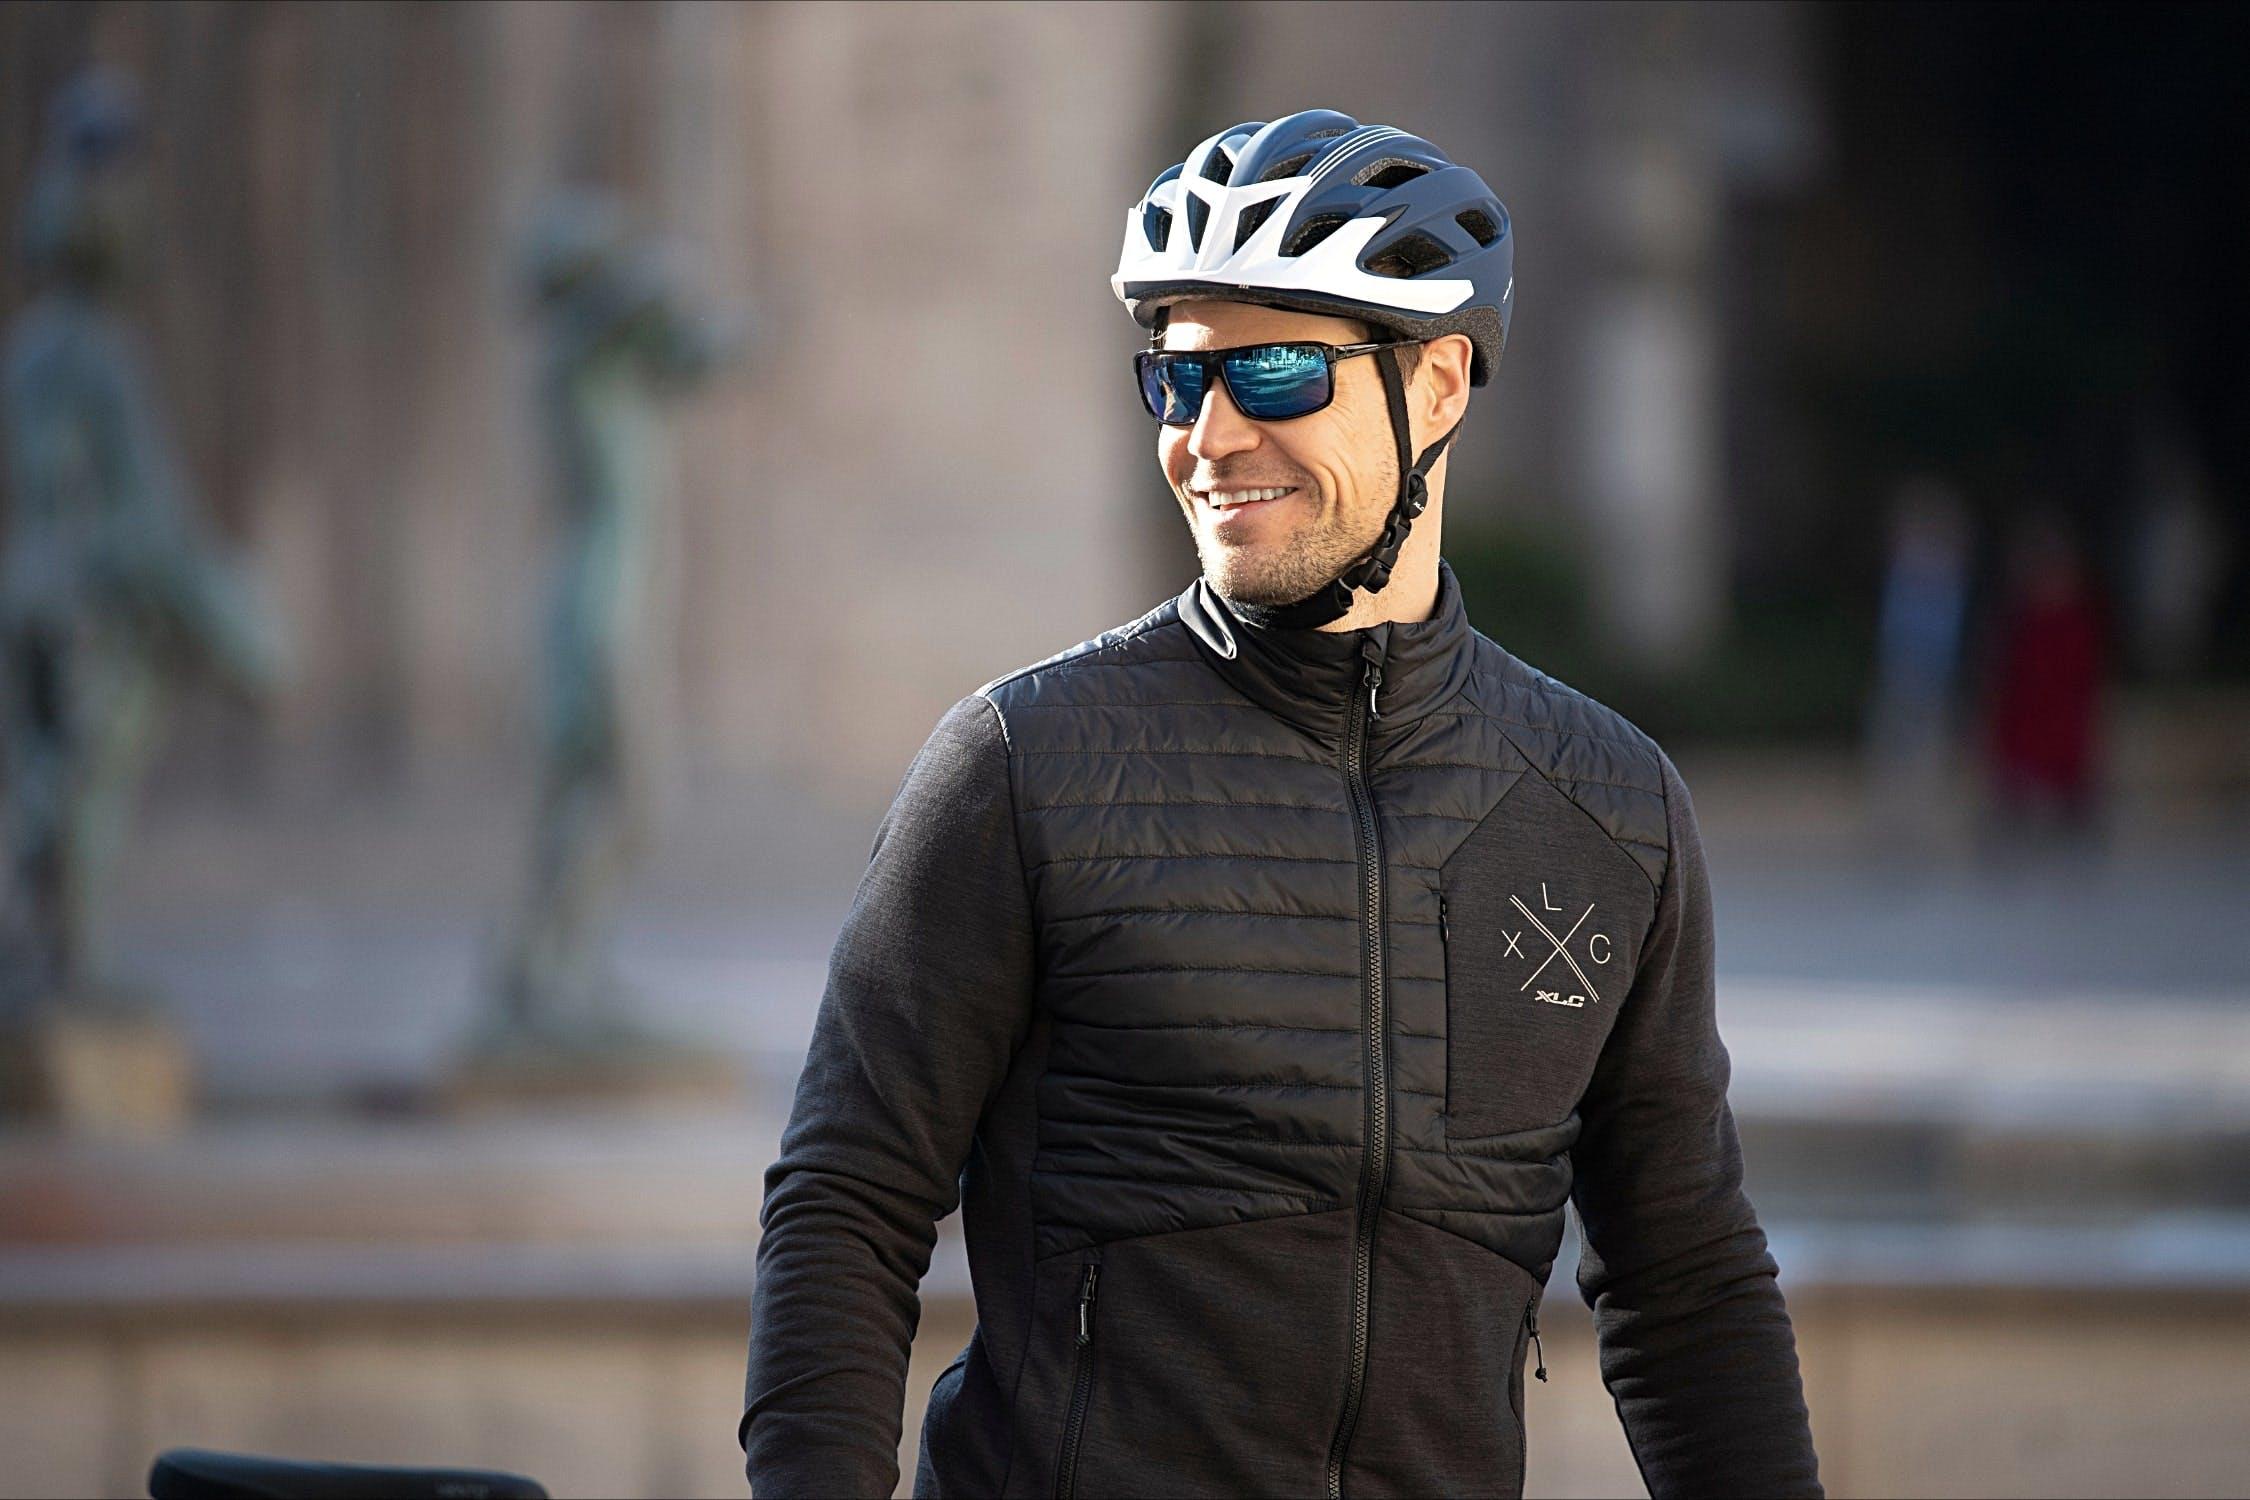 Nowy sezon, jakie ubranie wybrać na rower?